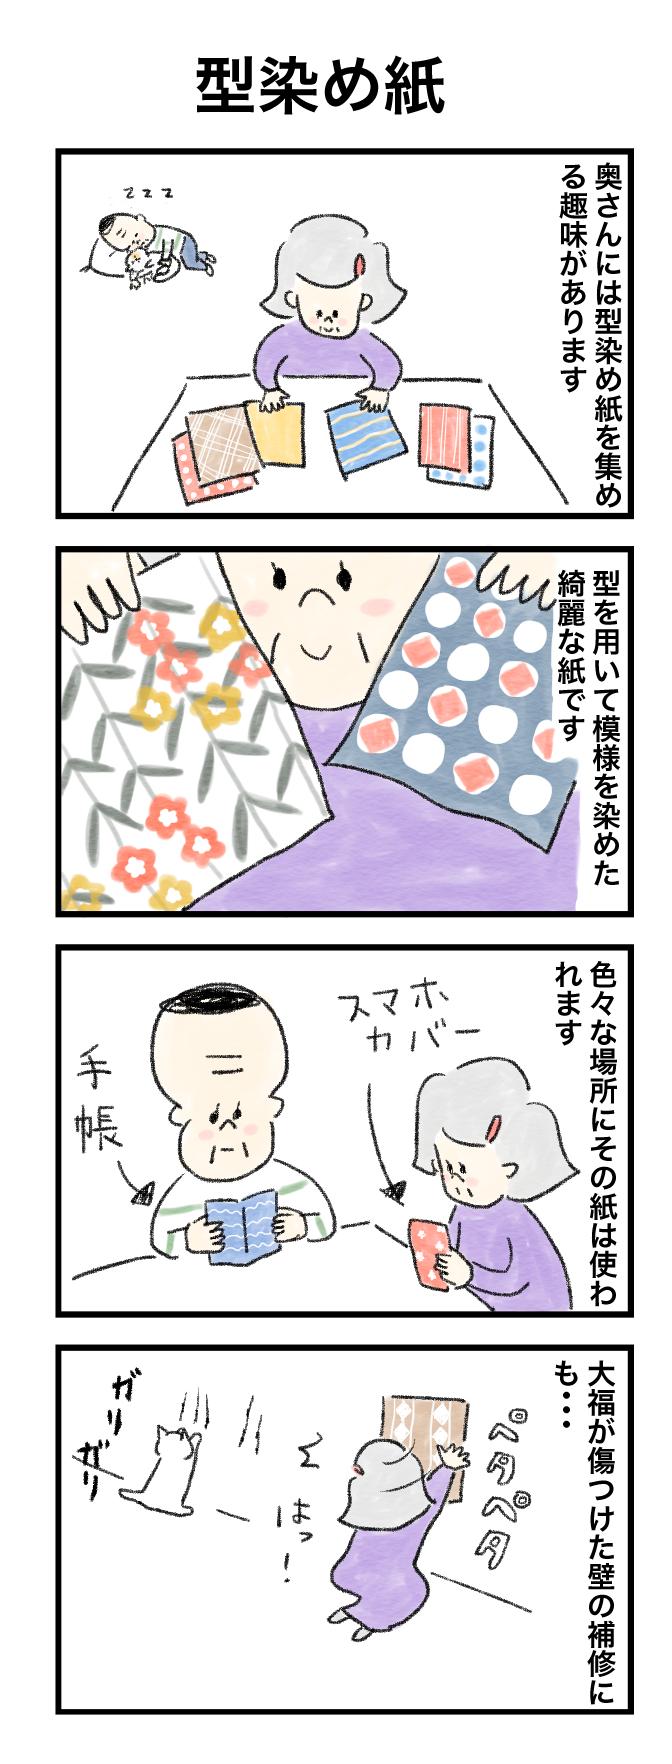 今日の泉谷さん【18】 作:カワサキヒロシ(ごとお日漫画)